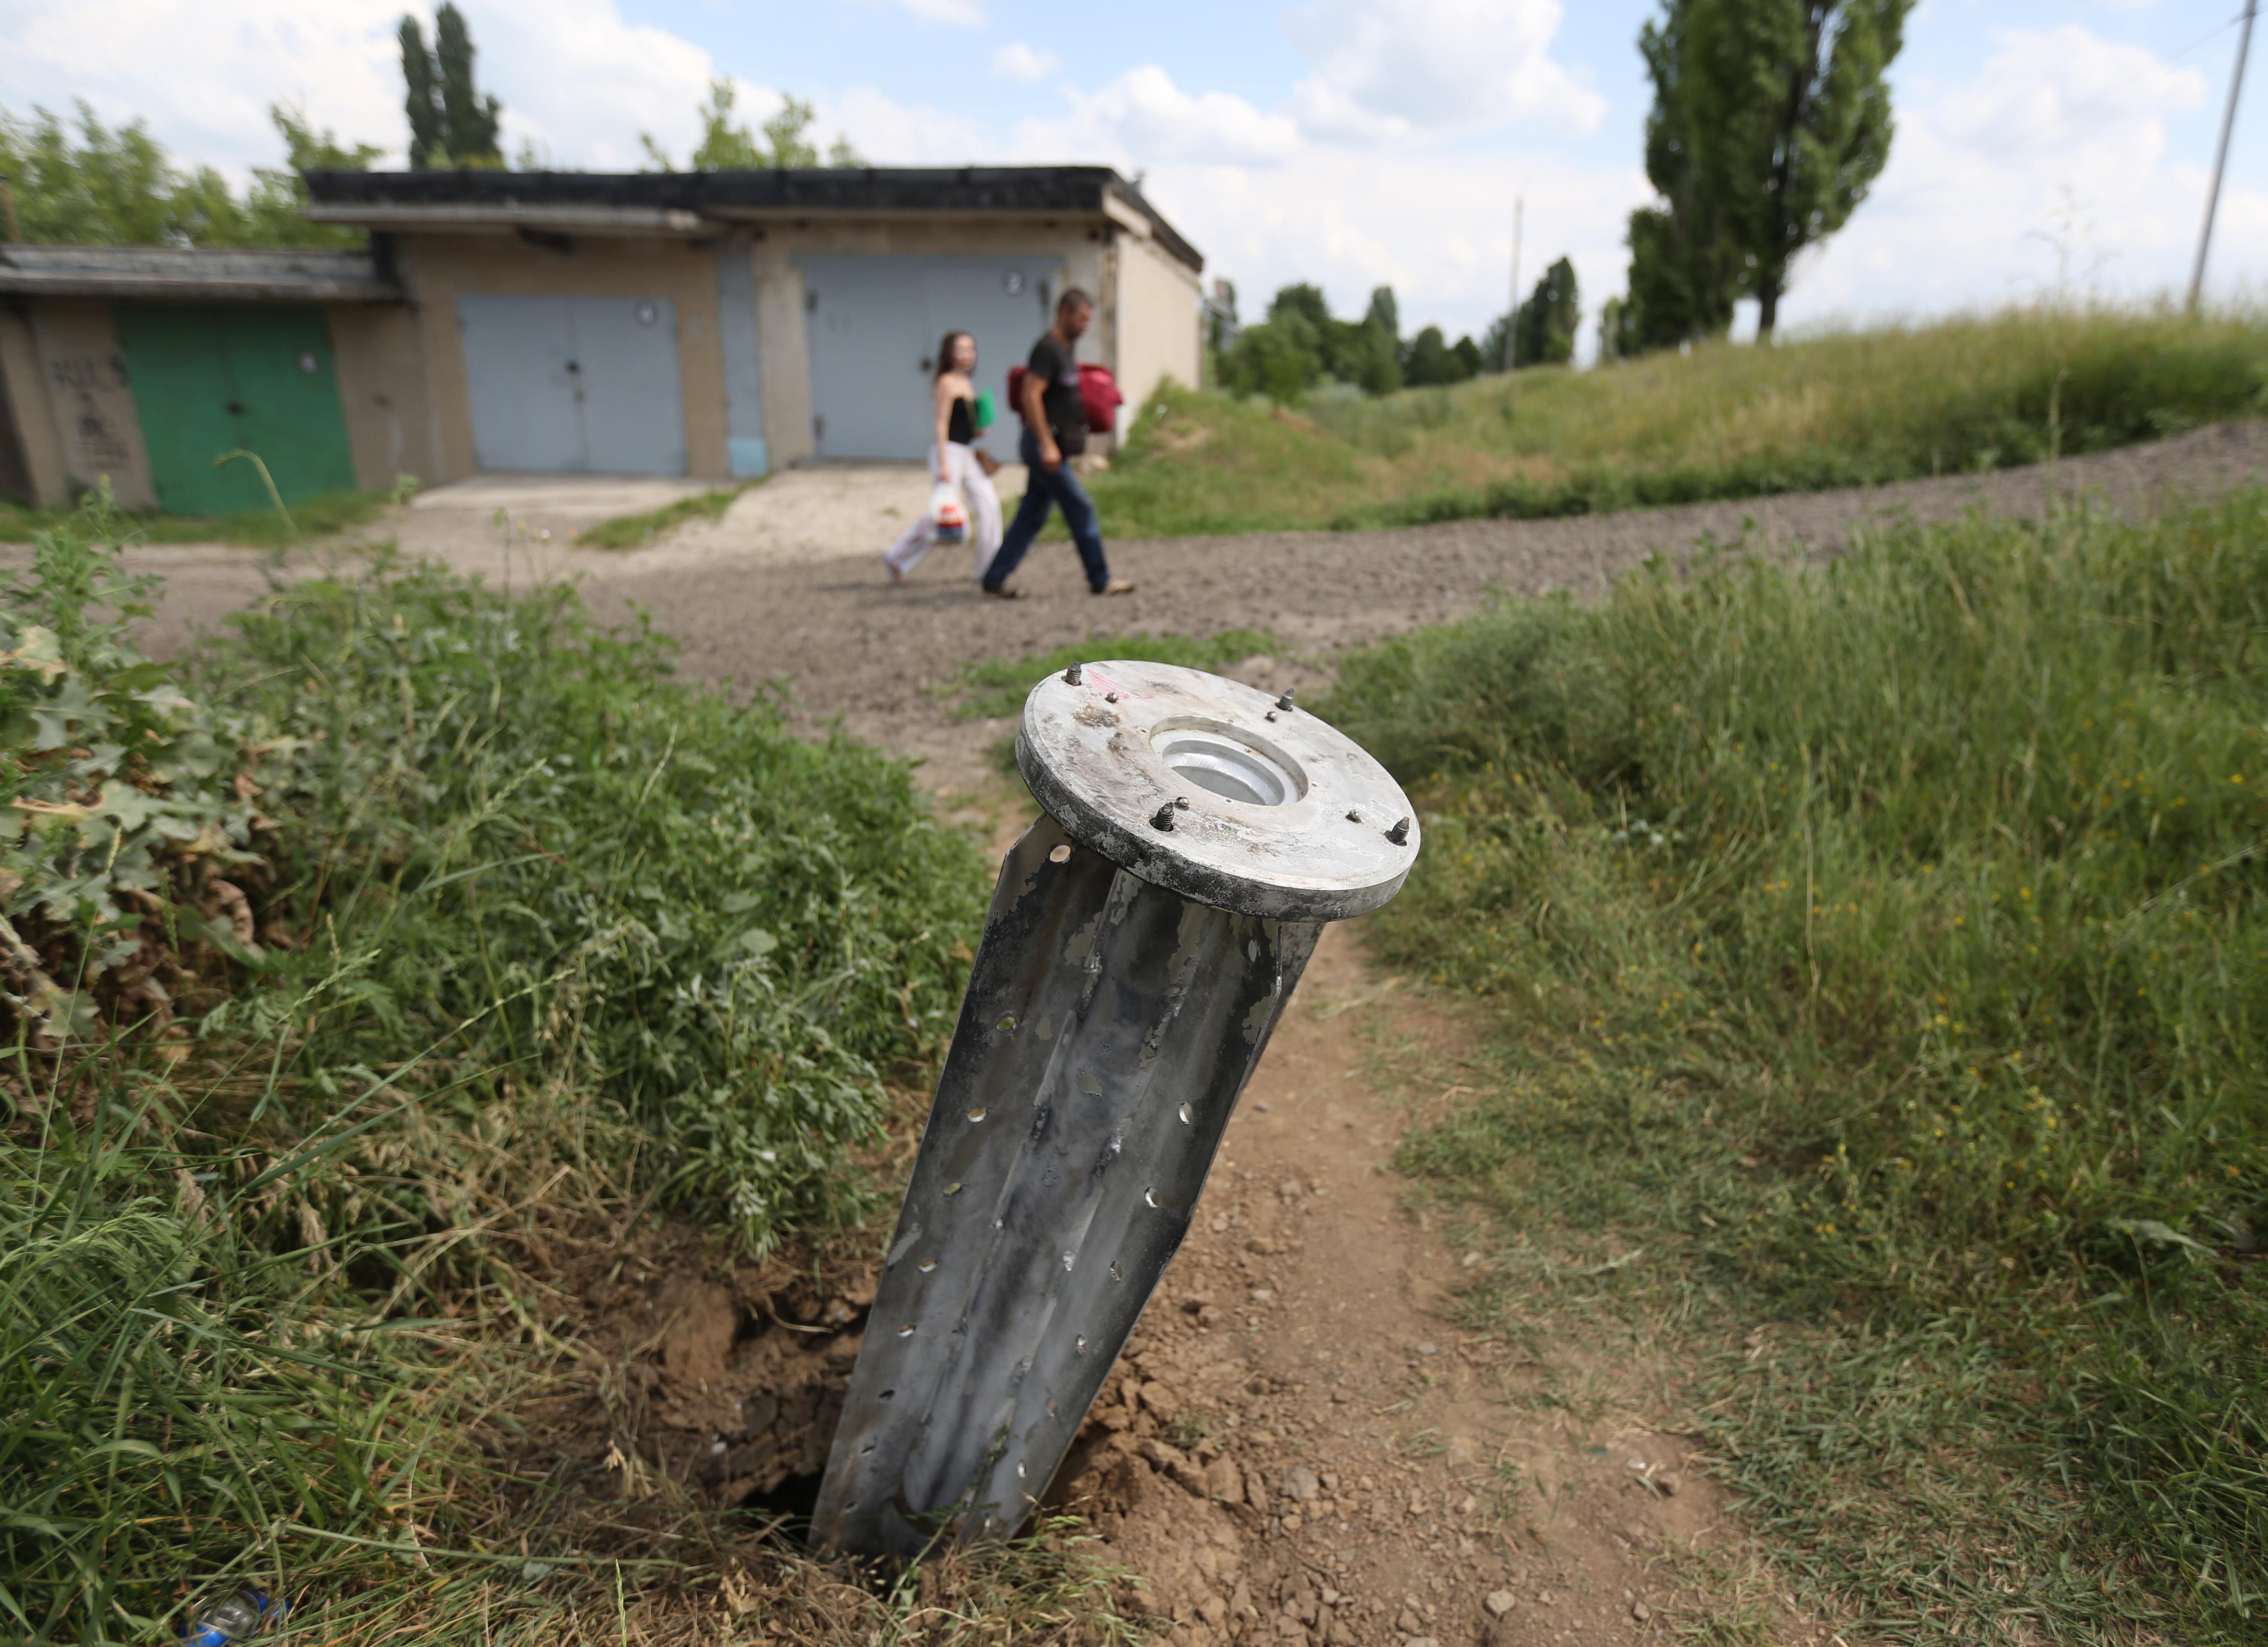 Фрагмент неразорвавшегося реактивного снаряда в пригороде Краматорска